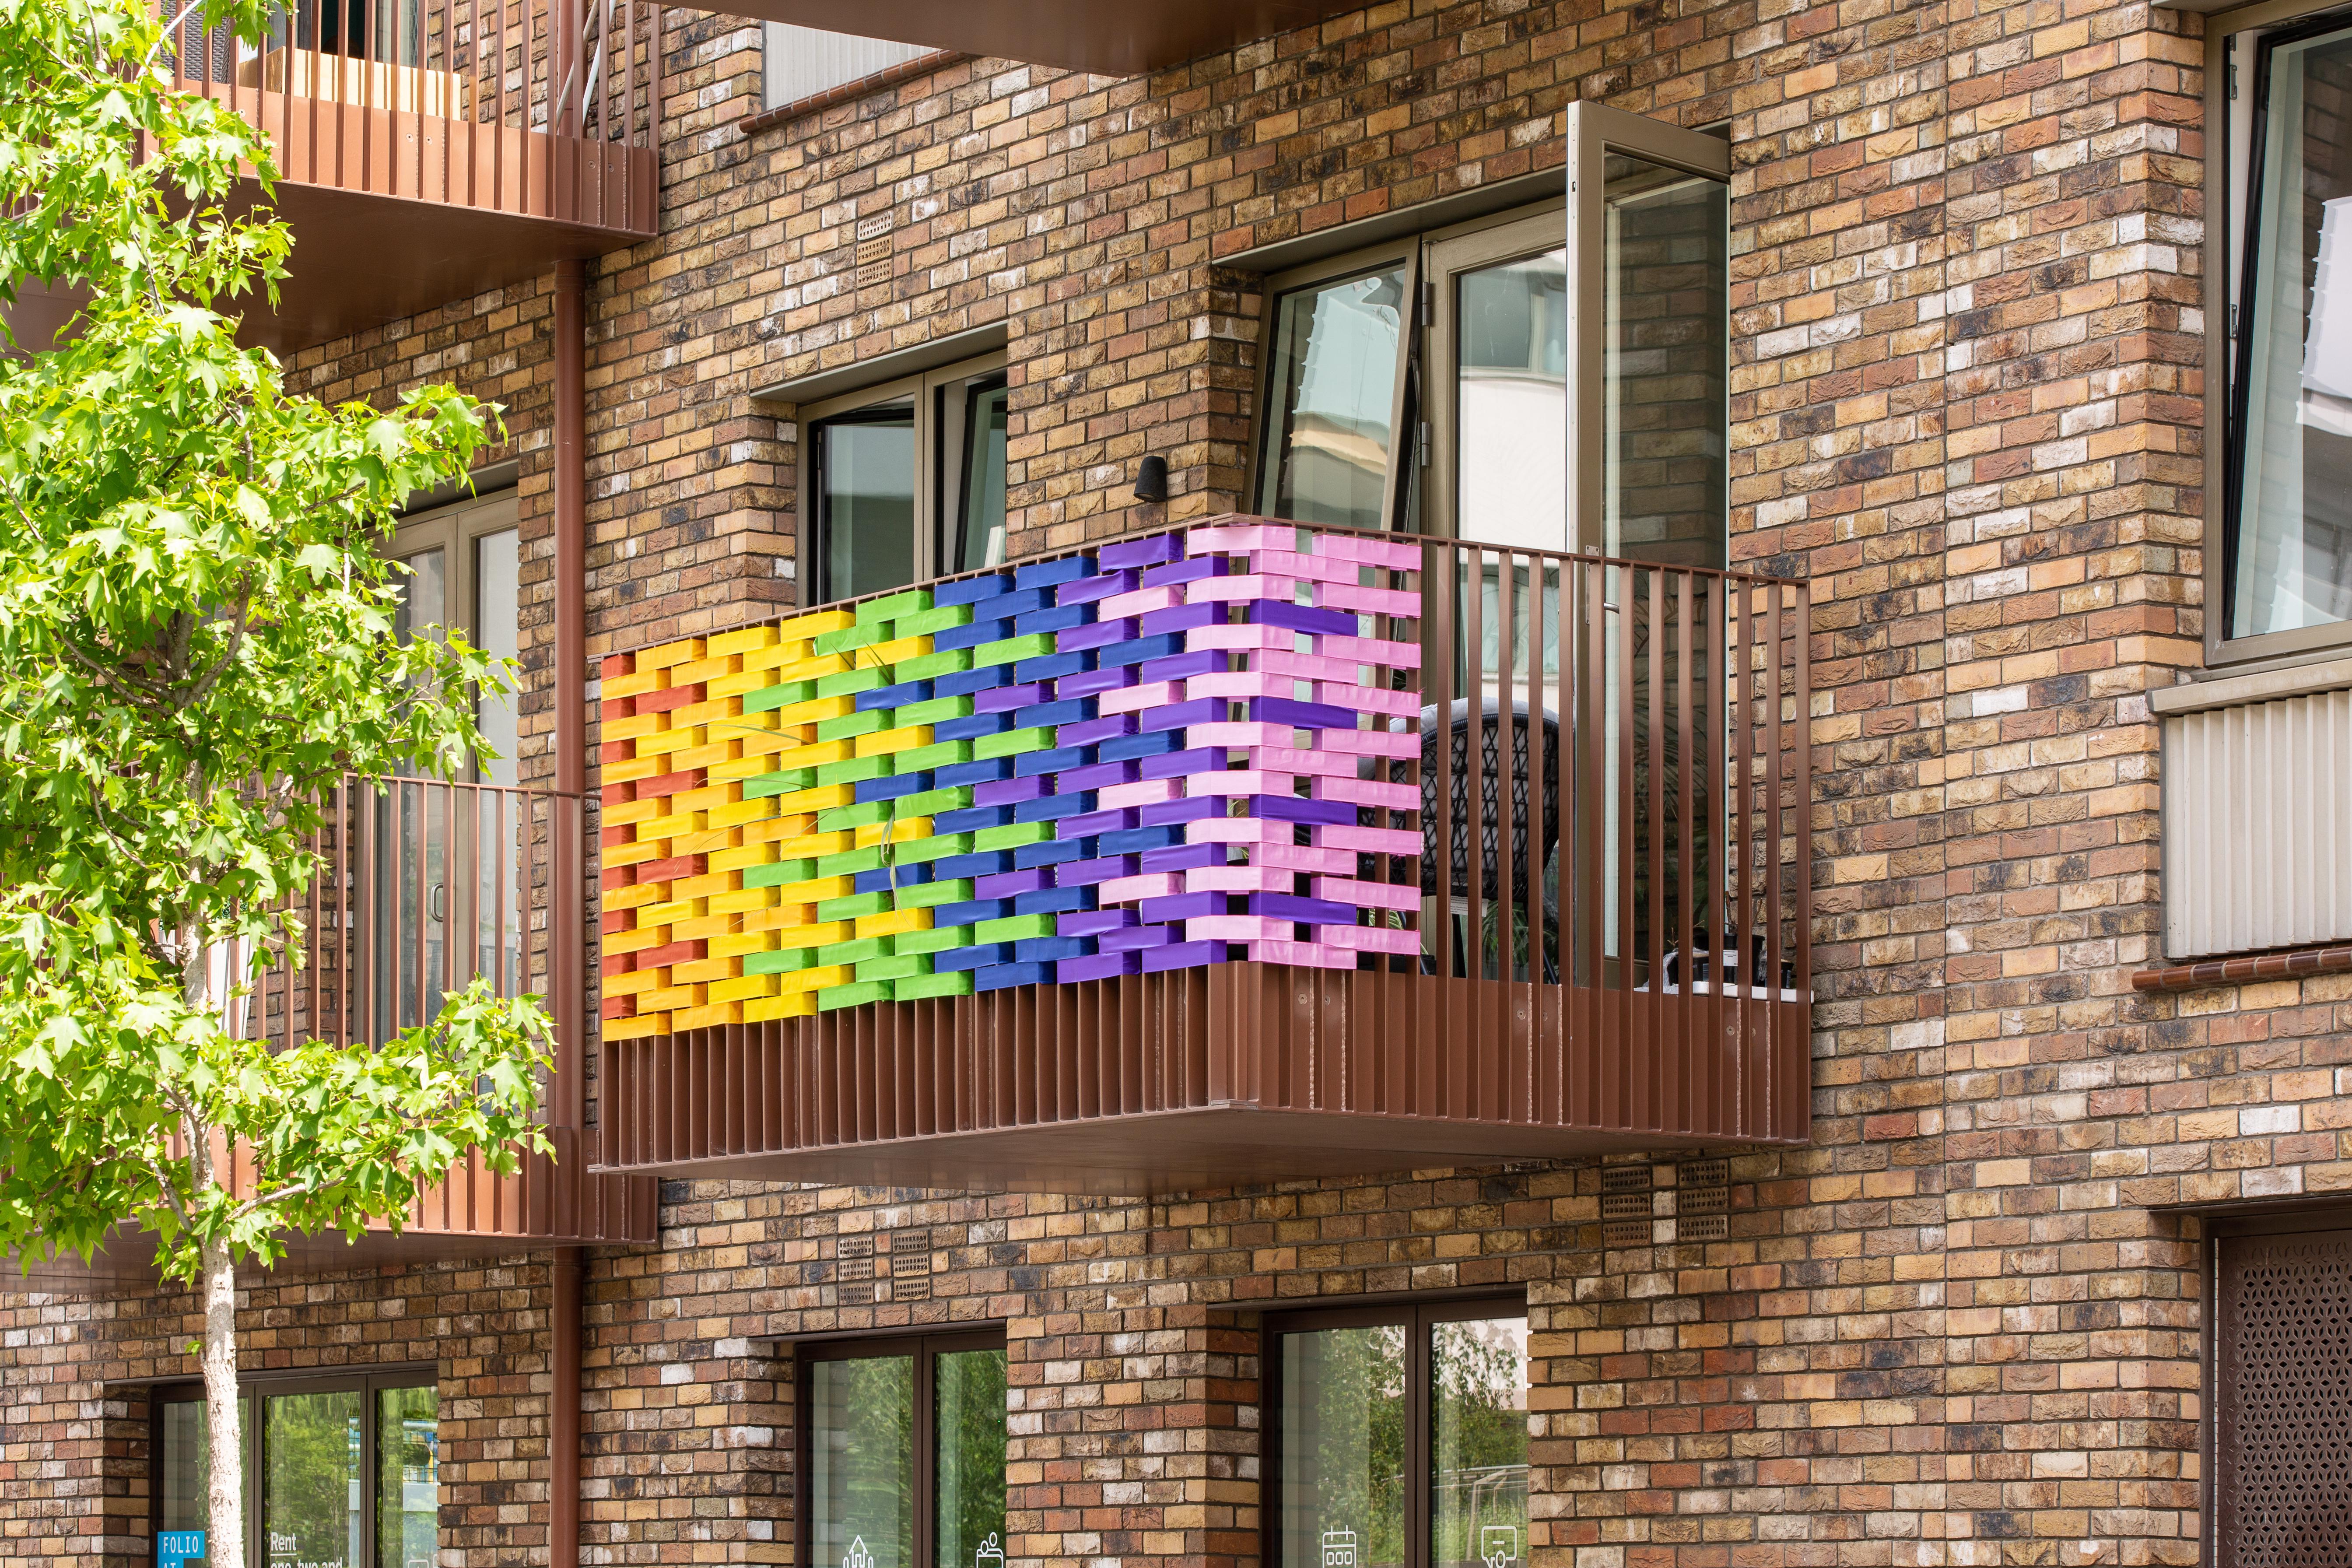 Rainbow balcony